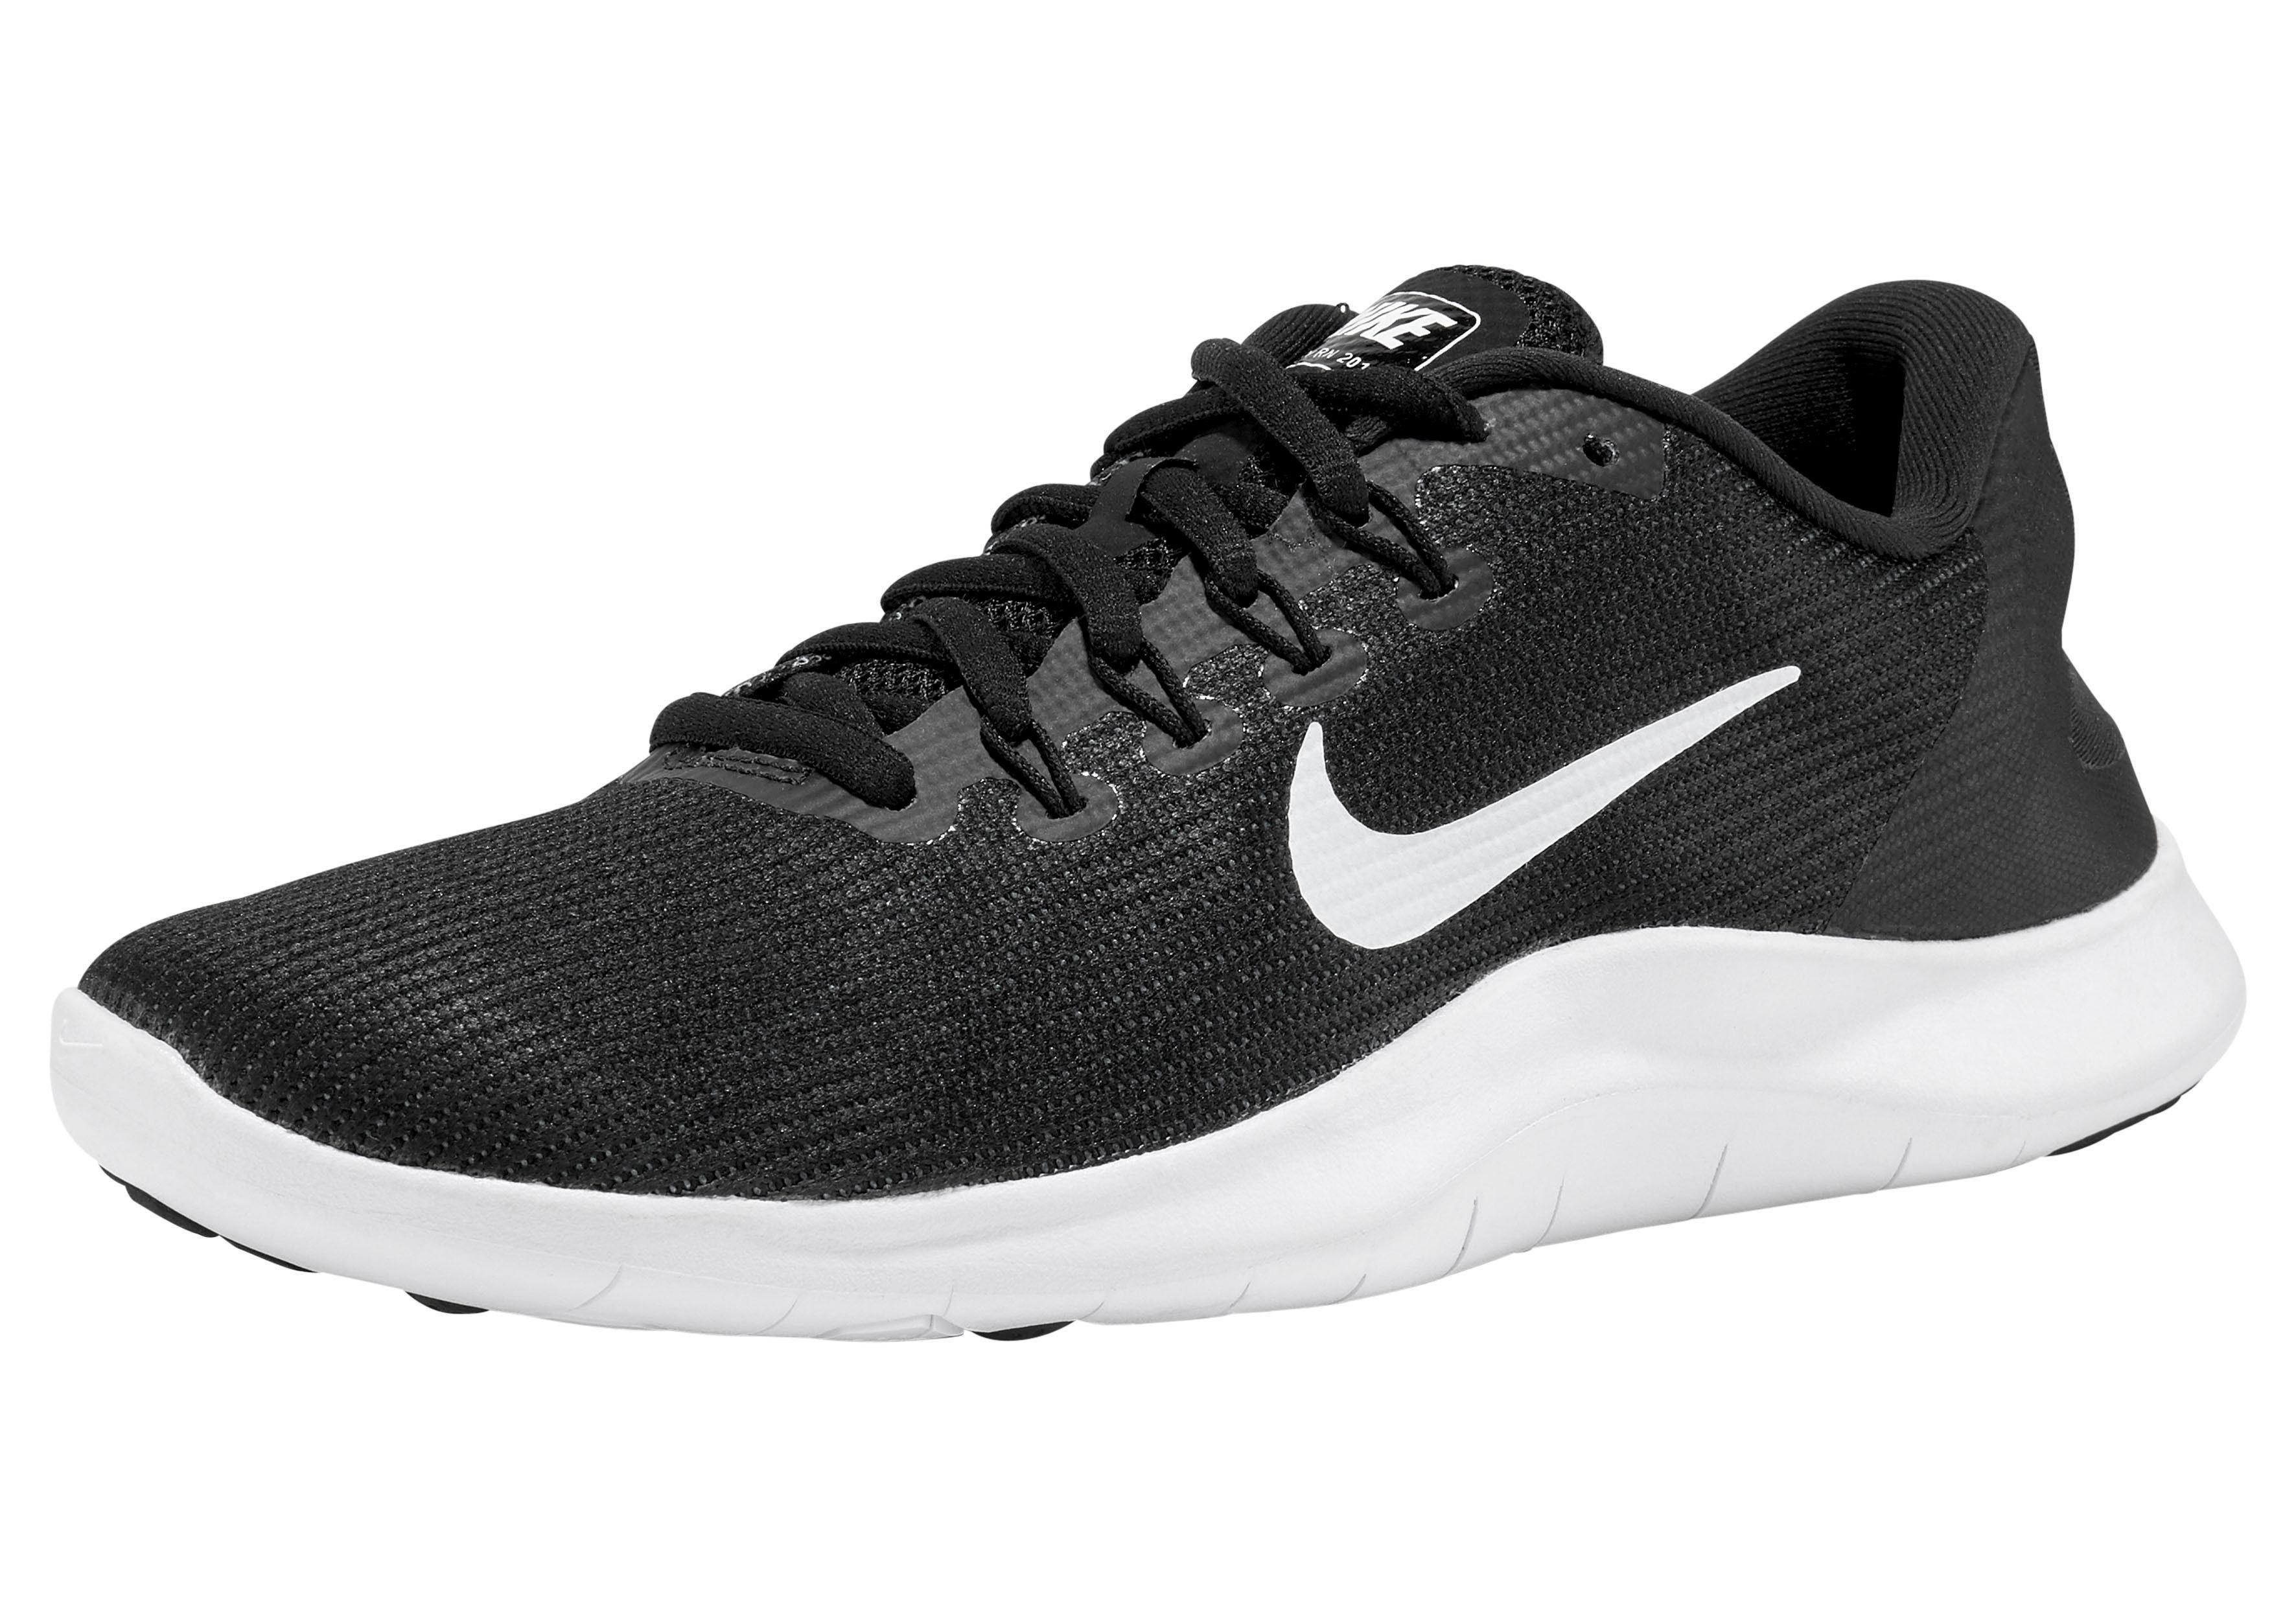 Nike »Wmns Flex Run 2018« Laufschuh online kaufen   OTTO